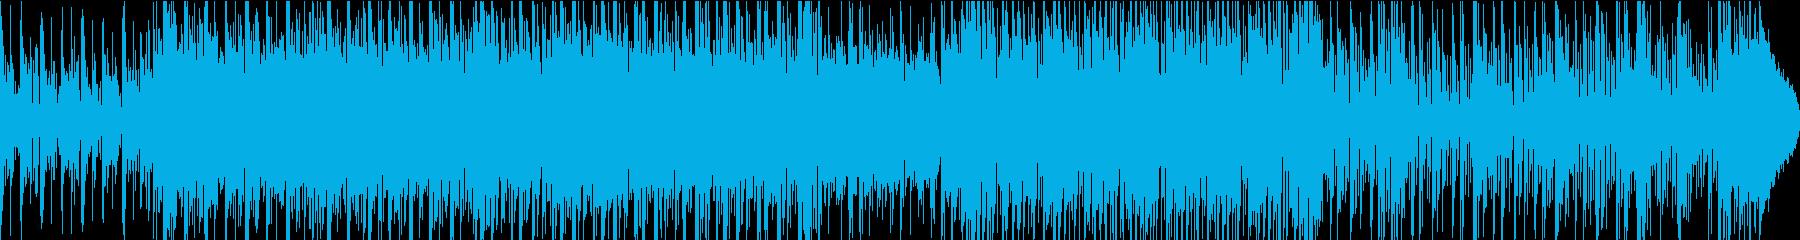 実験的 ロック ポストロック スポ...の再生済みの波形